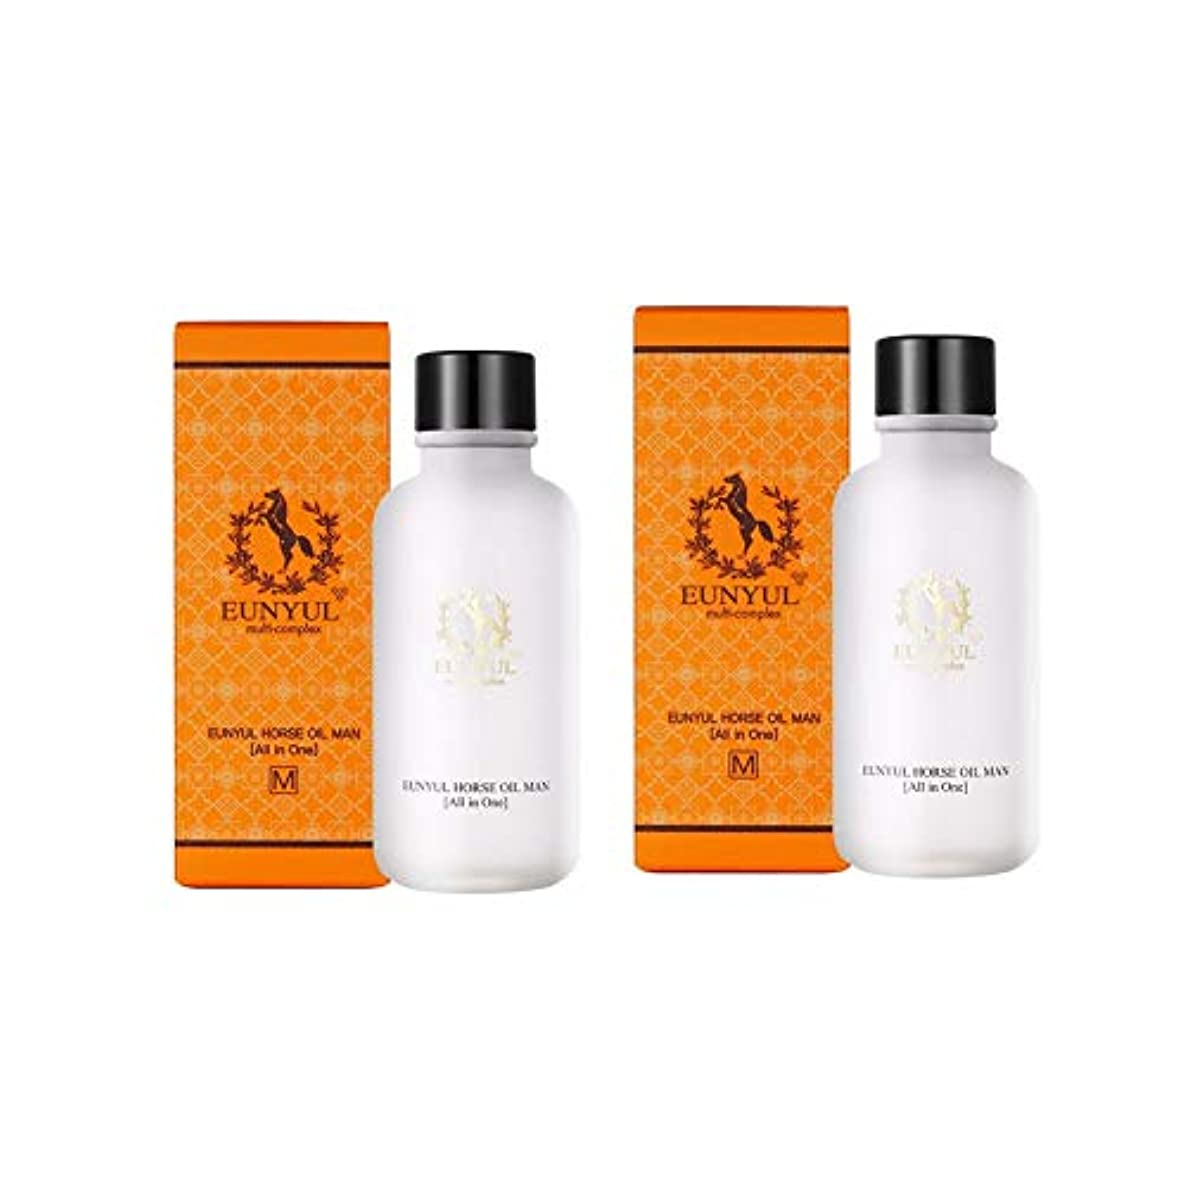 取り除く困難不忠Eunyul馬油オールインワン125mlx2本セットメンズコスメ韓国コスメ、Eunyul Horse Oil All in One 125ml x 2ea Set Men's Cosmetics Korean Cosmetics...